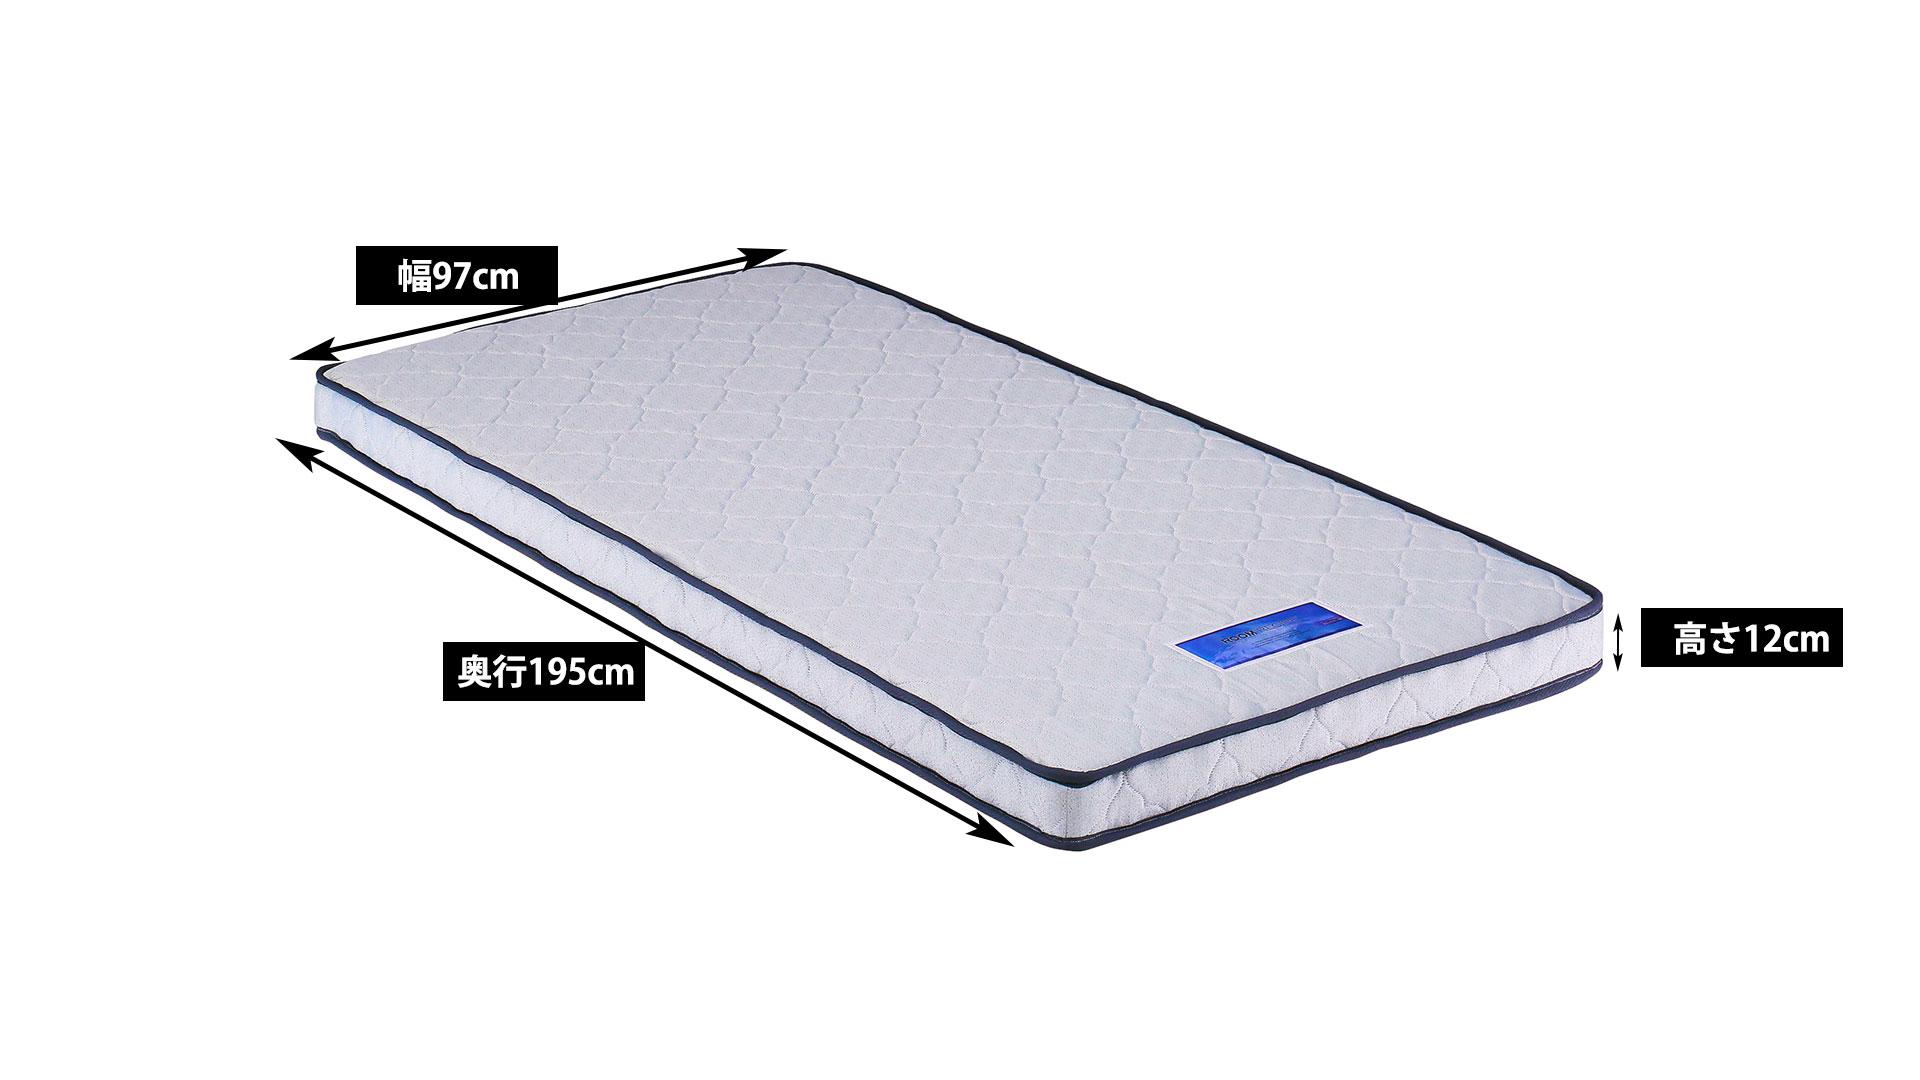 リビンズのS圧縮マットレス「リアムⅡ」のサイズの画像